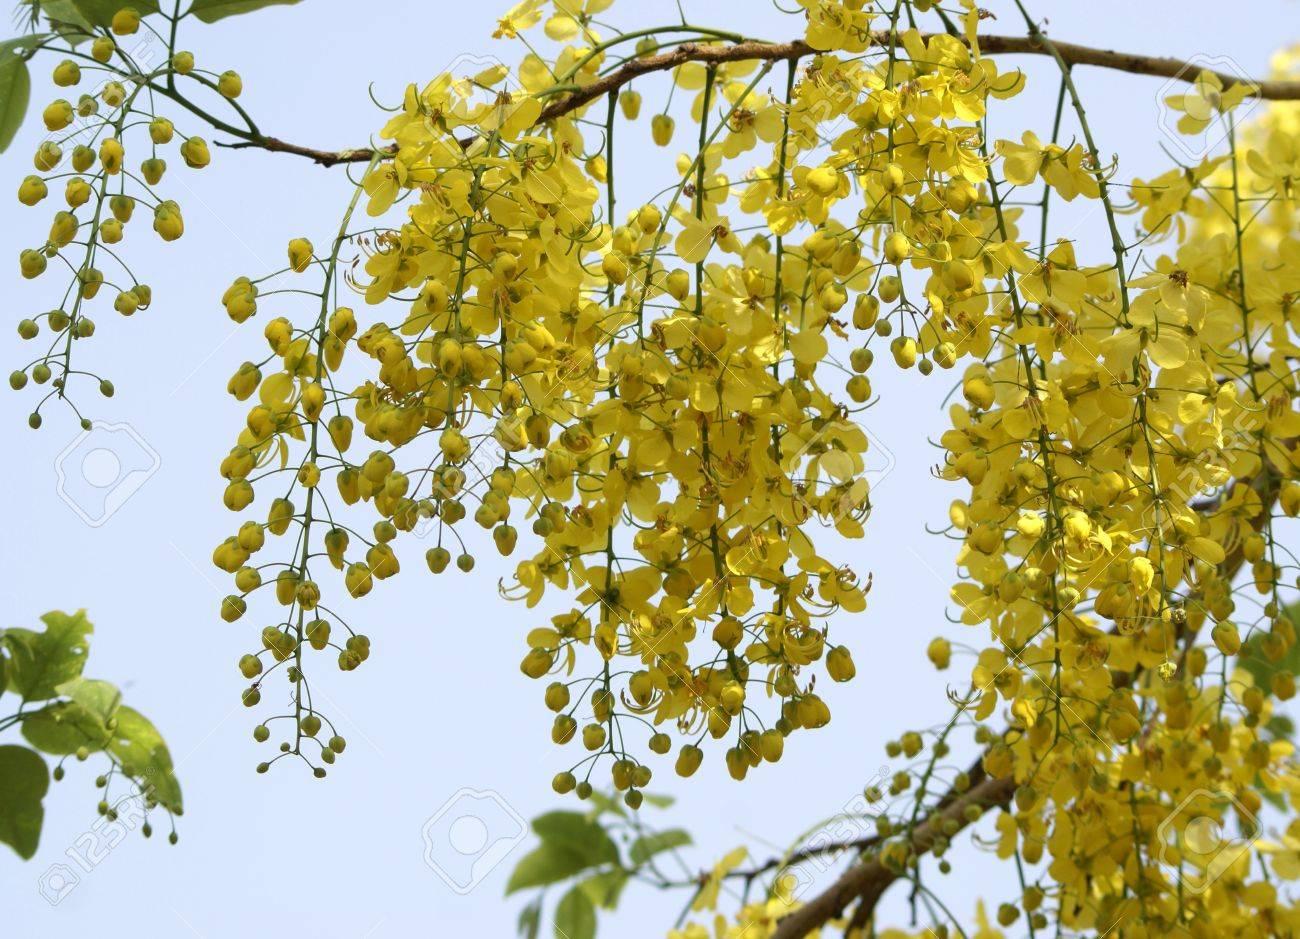 Cassia Fistula Amaltas Common Summer Flowering Tree In Delhi